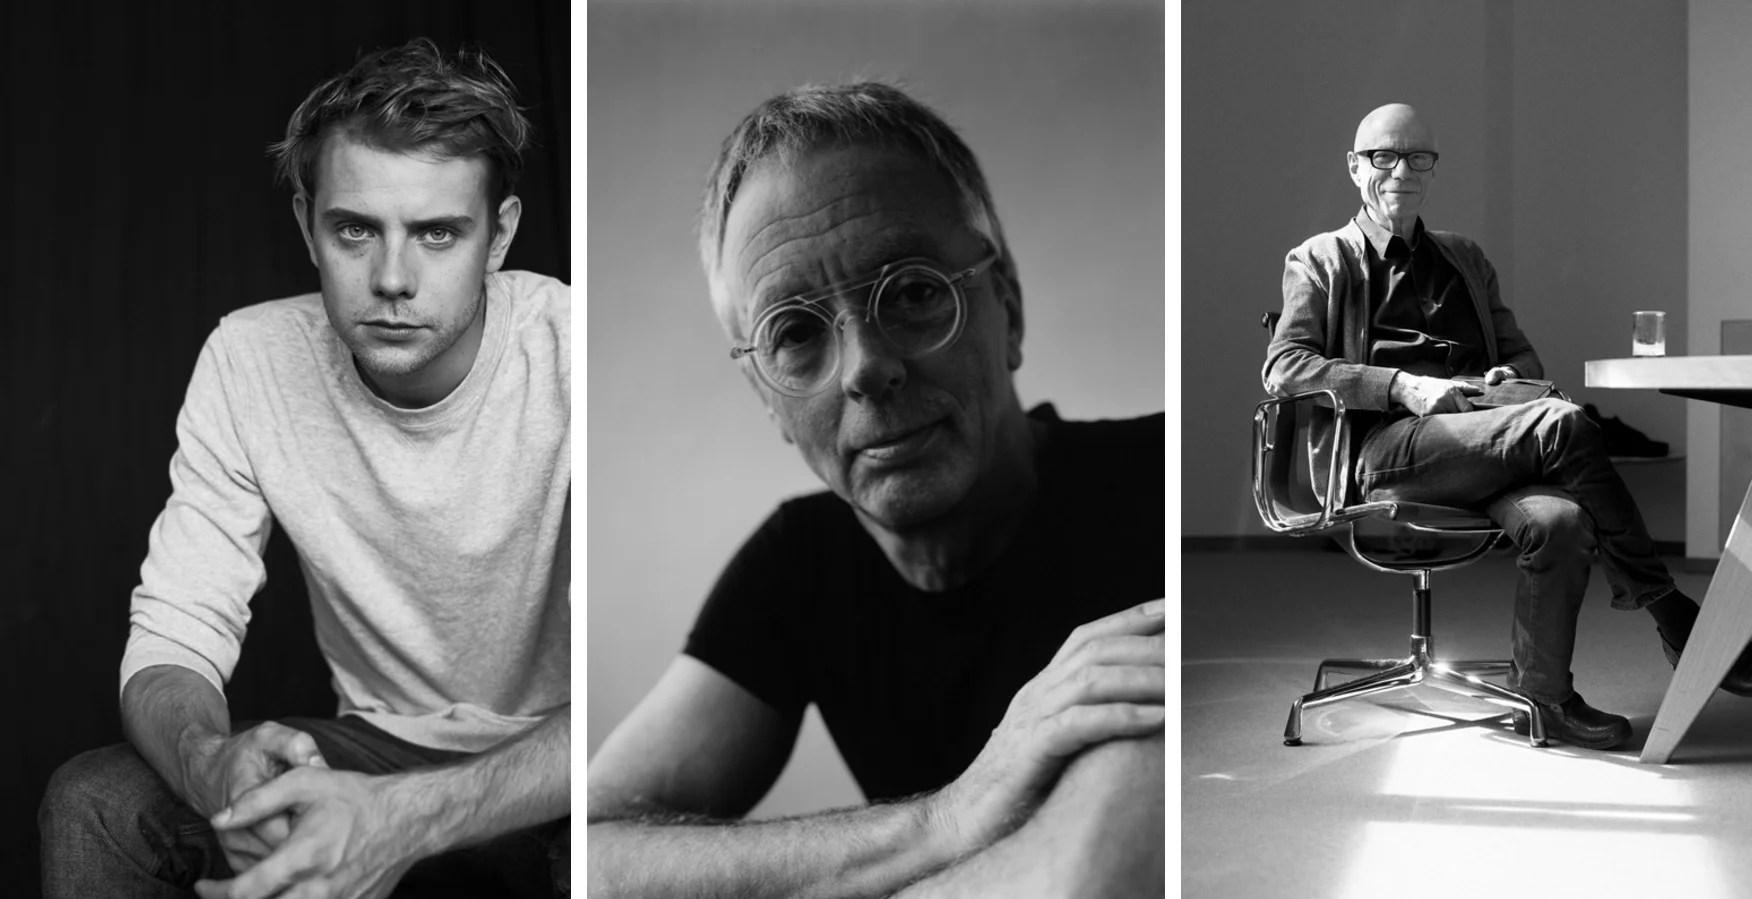 Los jurados: Jonathan Anderson, disrector creativo de Loewe, Gijs Bakker, artista y joyero y Rolf Fehlbaum de Vitra.